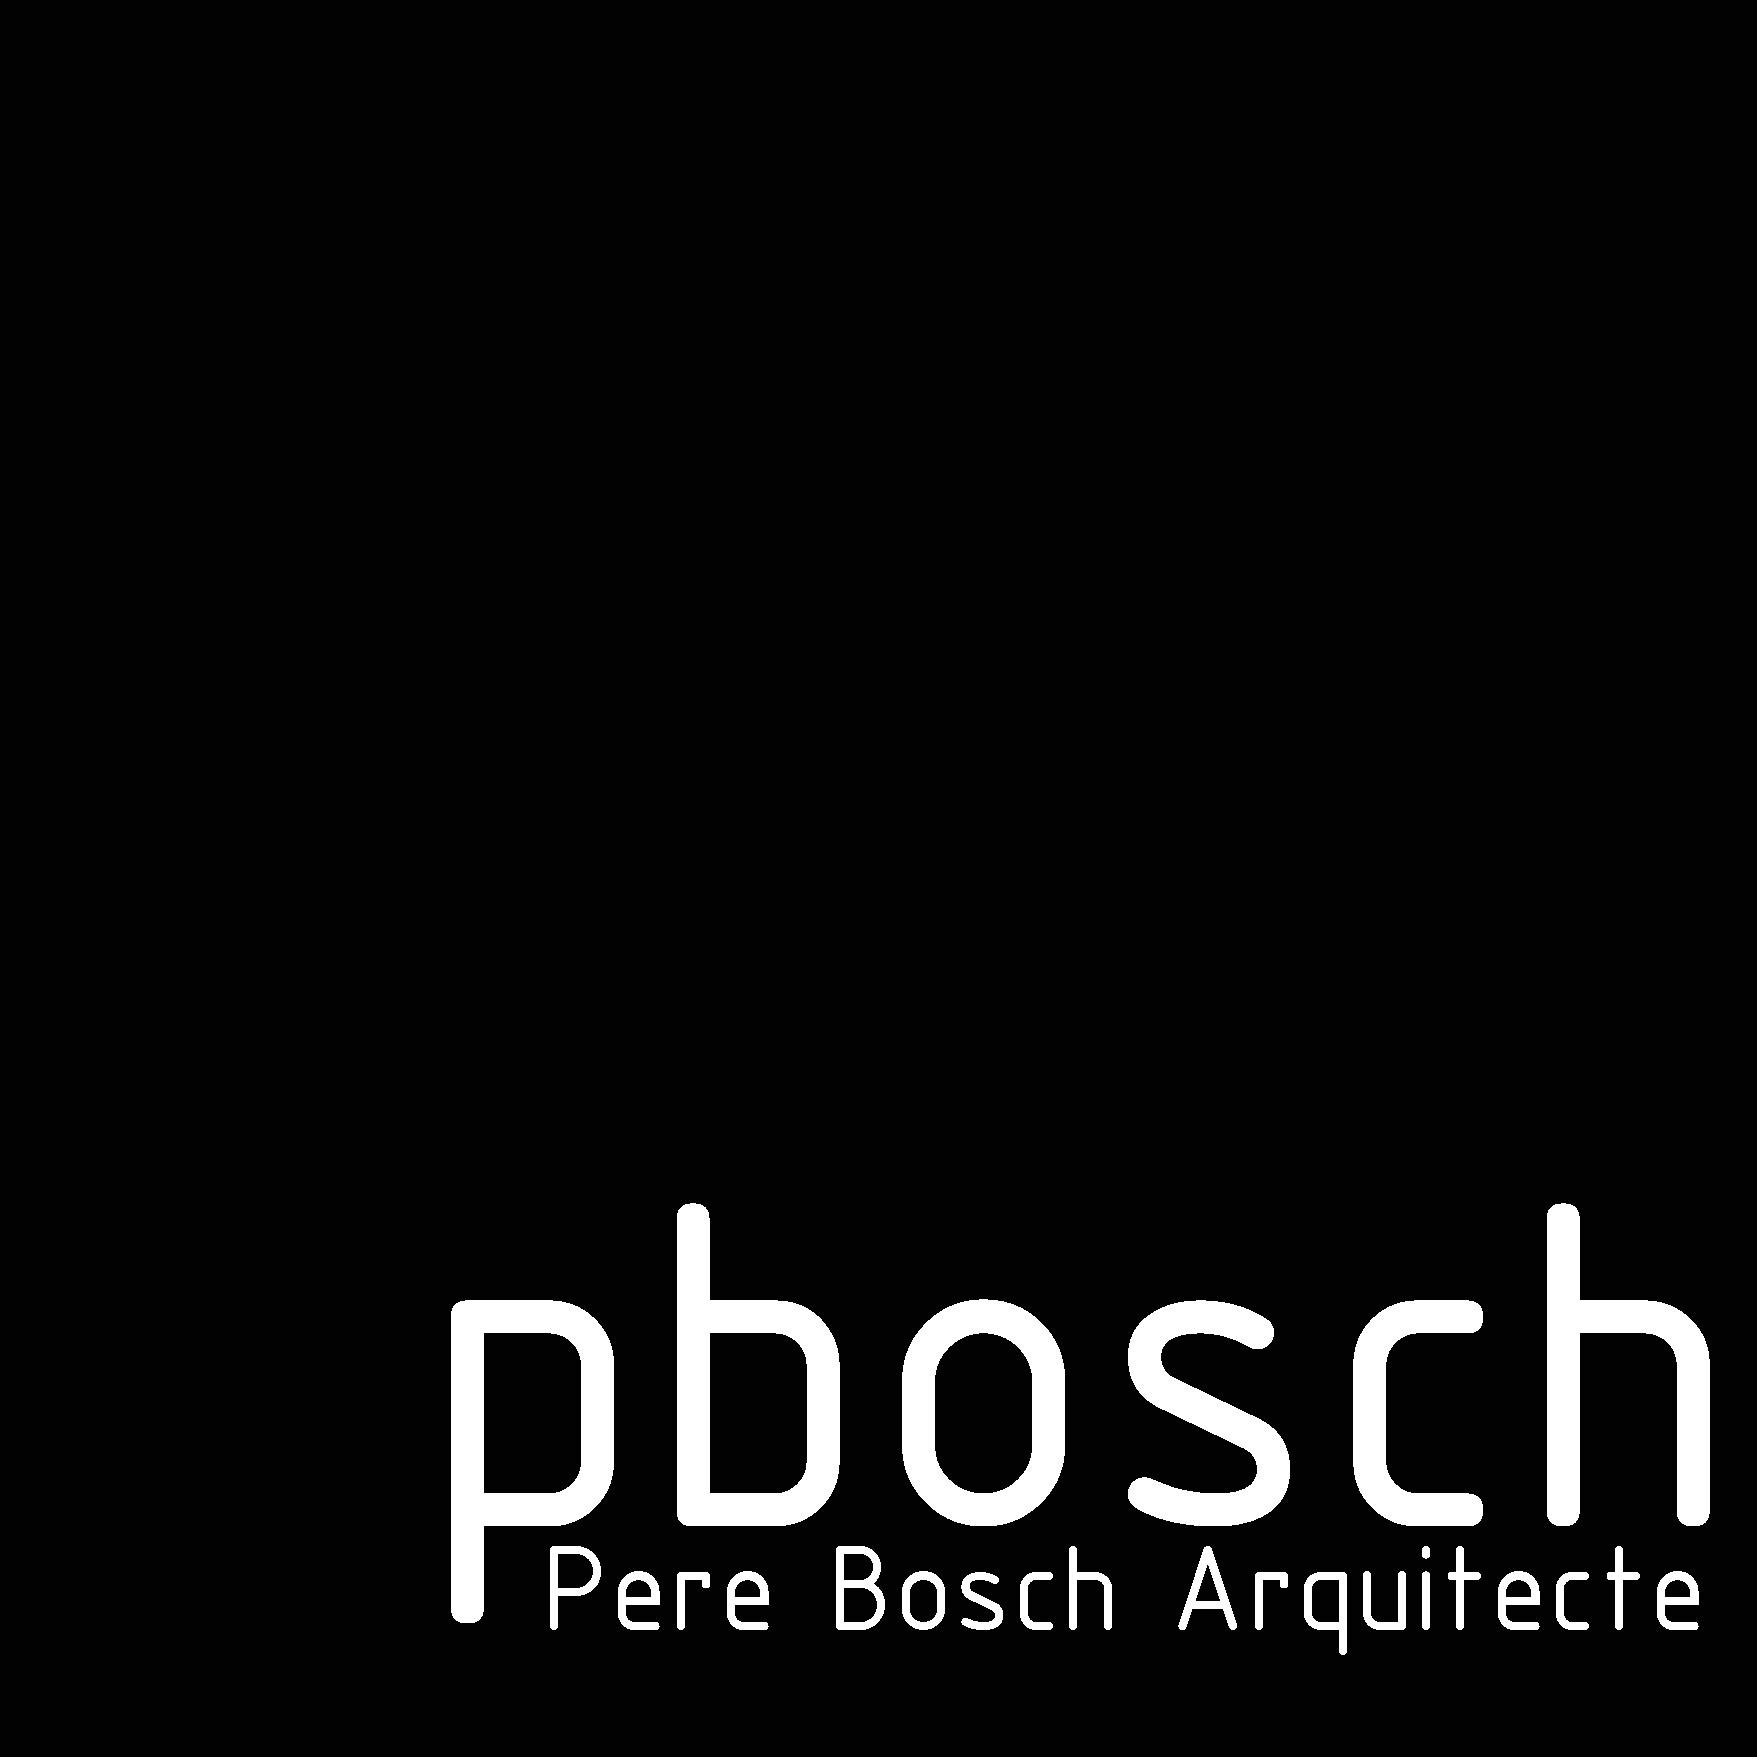 Pere Bosch, Arquitecte